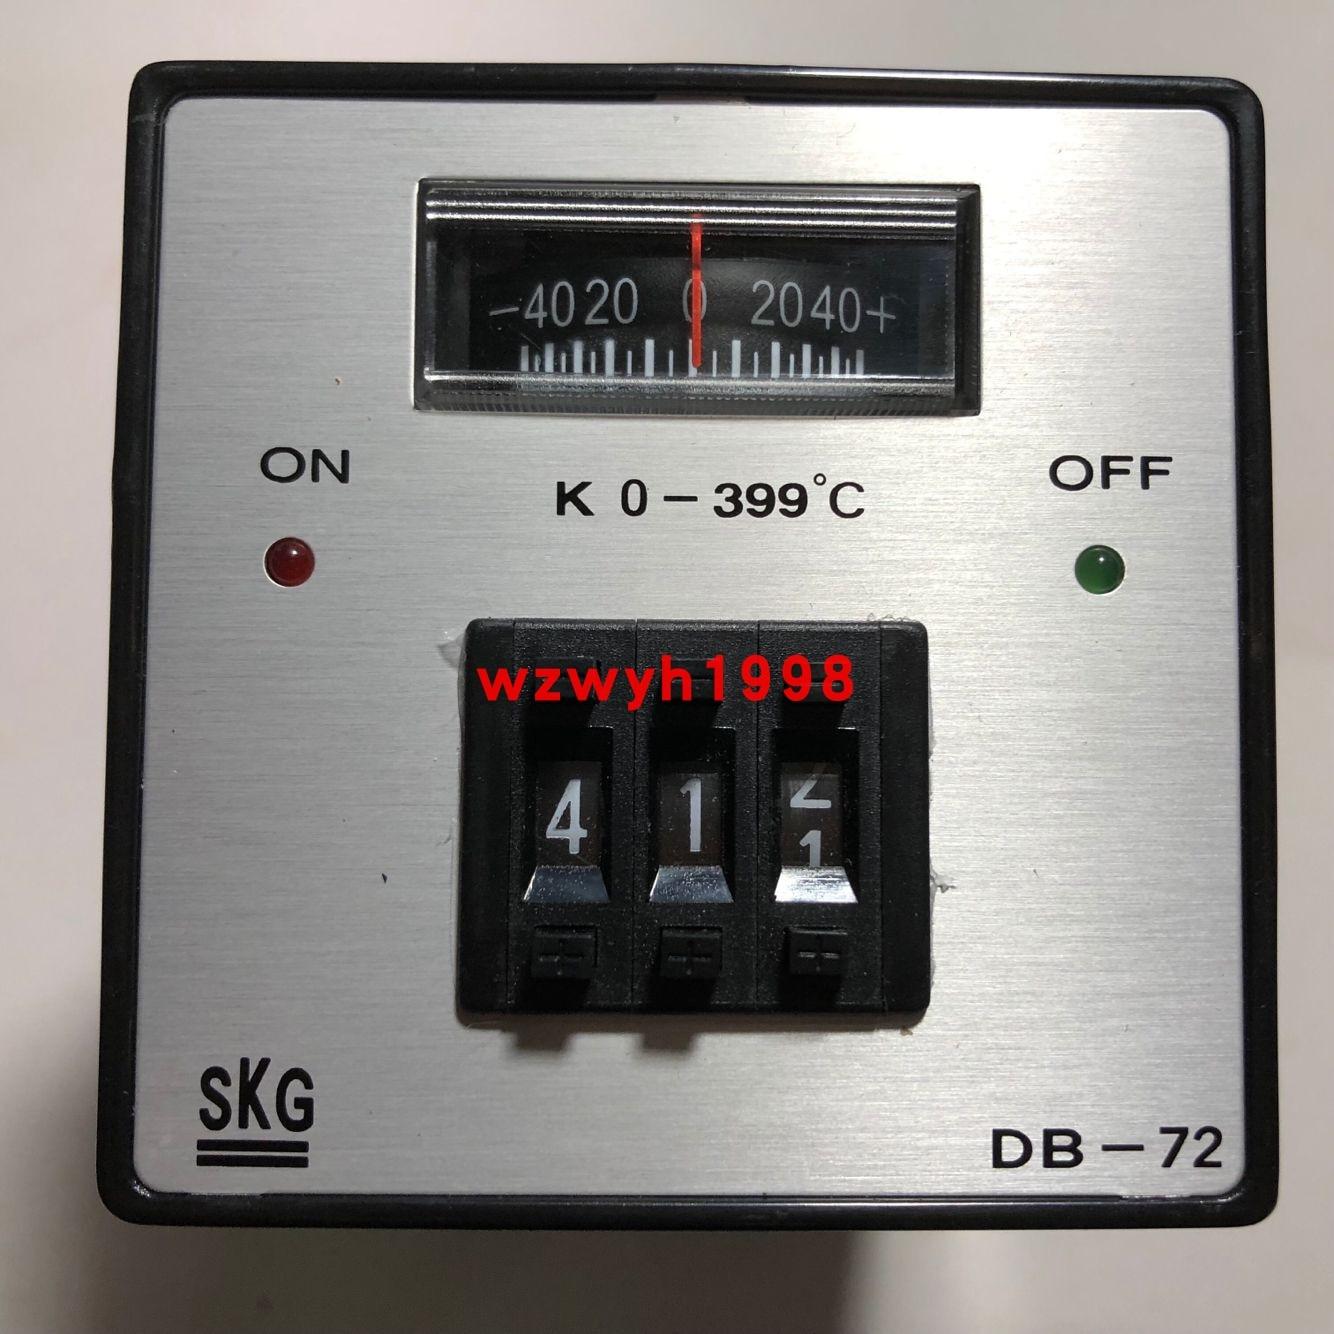 SKG الطلب رمز متر متحكم في درجة الحرارة DB-72 متحكم في درجة الحرارة SKG DB-72 K 0-399 درجة متحكم في درجة الحرارة